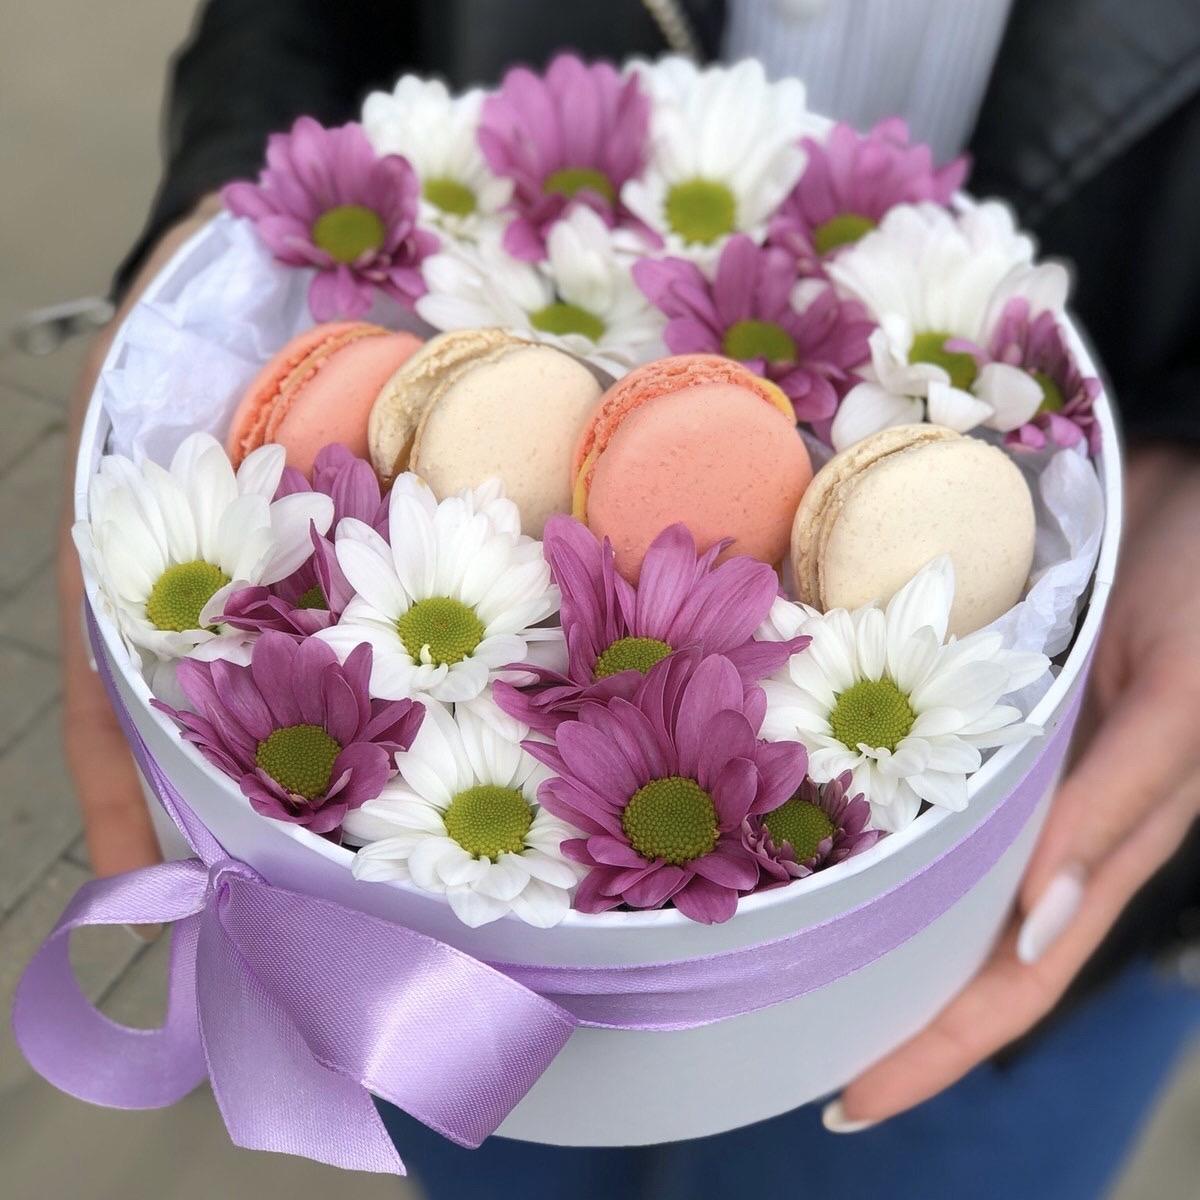 Коробочка с хризантемой и печеньем macarons Розовое и белое